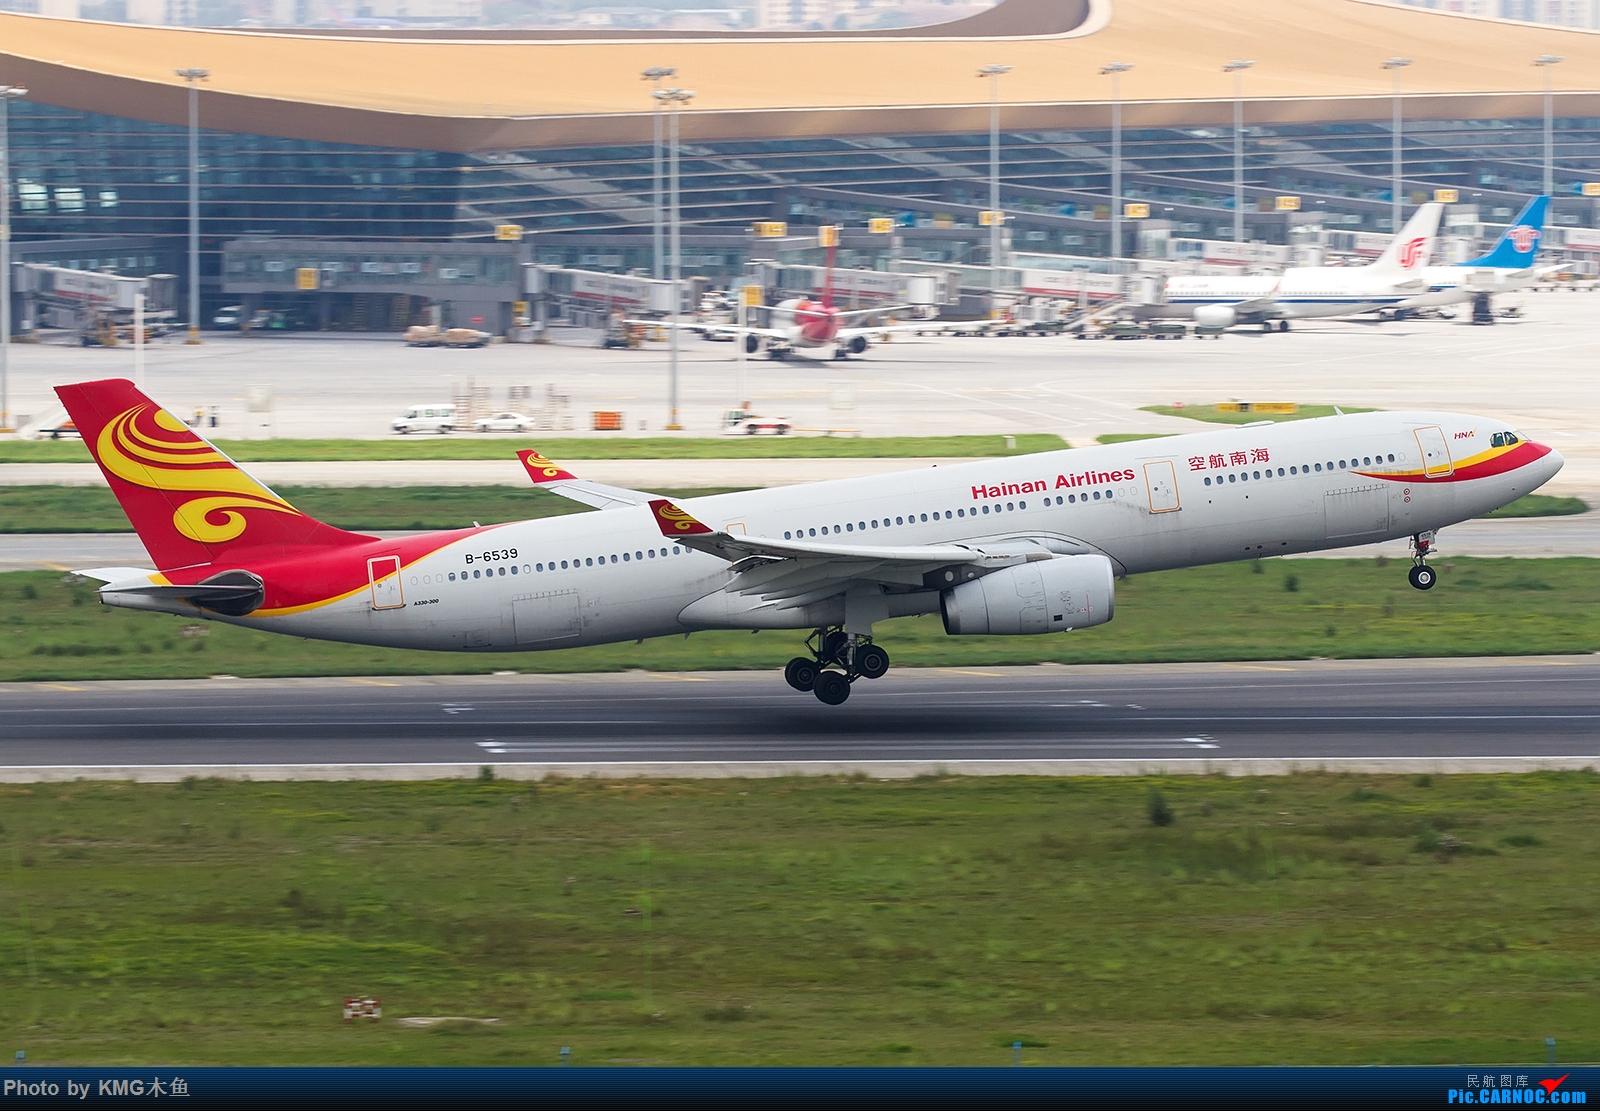 Re:[原创]【昆明长水国际机场——KMG木鱼拍机】第一次大中午的拍飞机,还好宽体比较多,也算是值得了 AIRBUS A330-300 B-6539 中国昆明长水国际机场